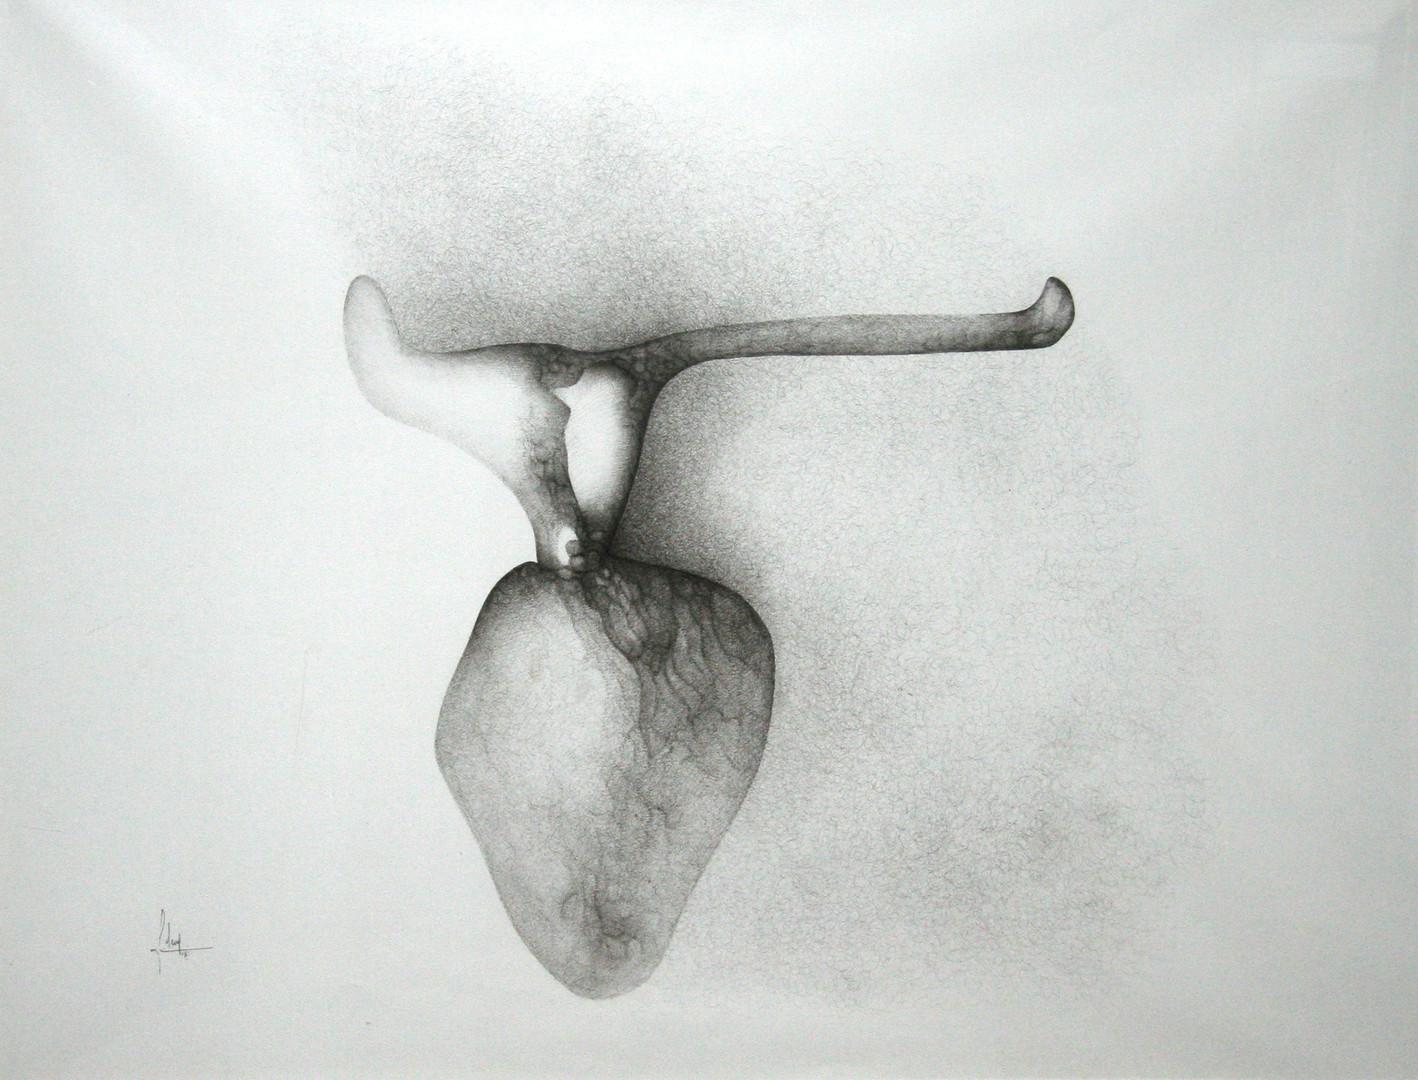 Fred Deux, Coeur de boeuf, 1962